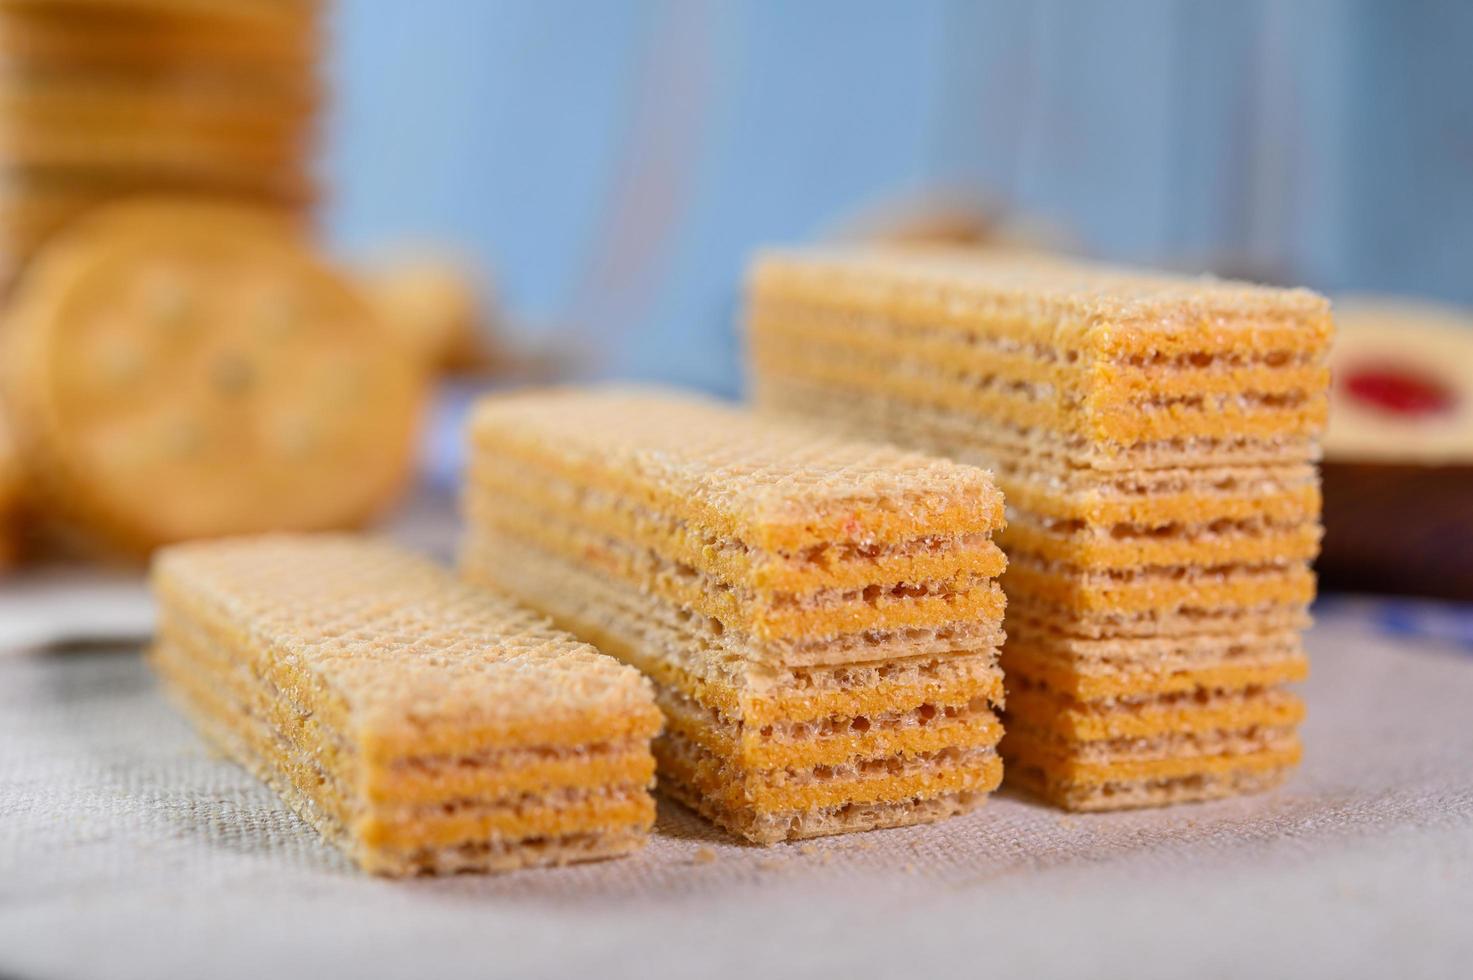 galletas dispuestas en un paño foto